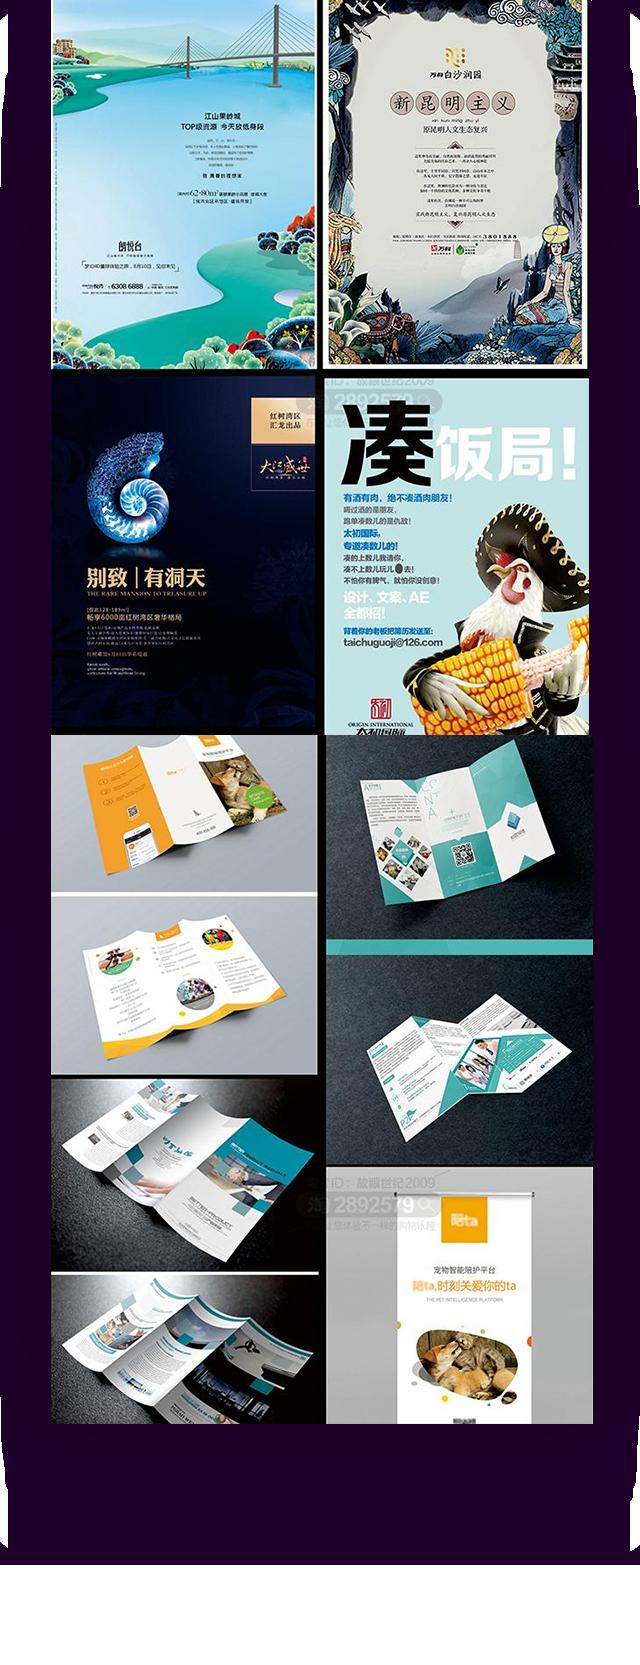 辰信设计-广告